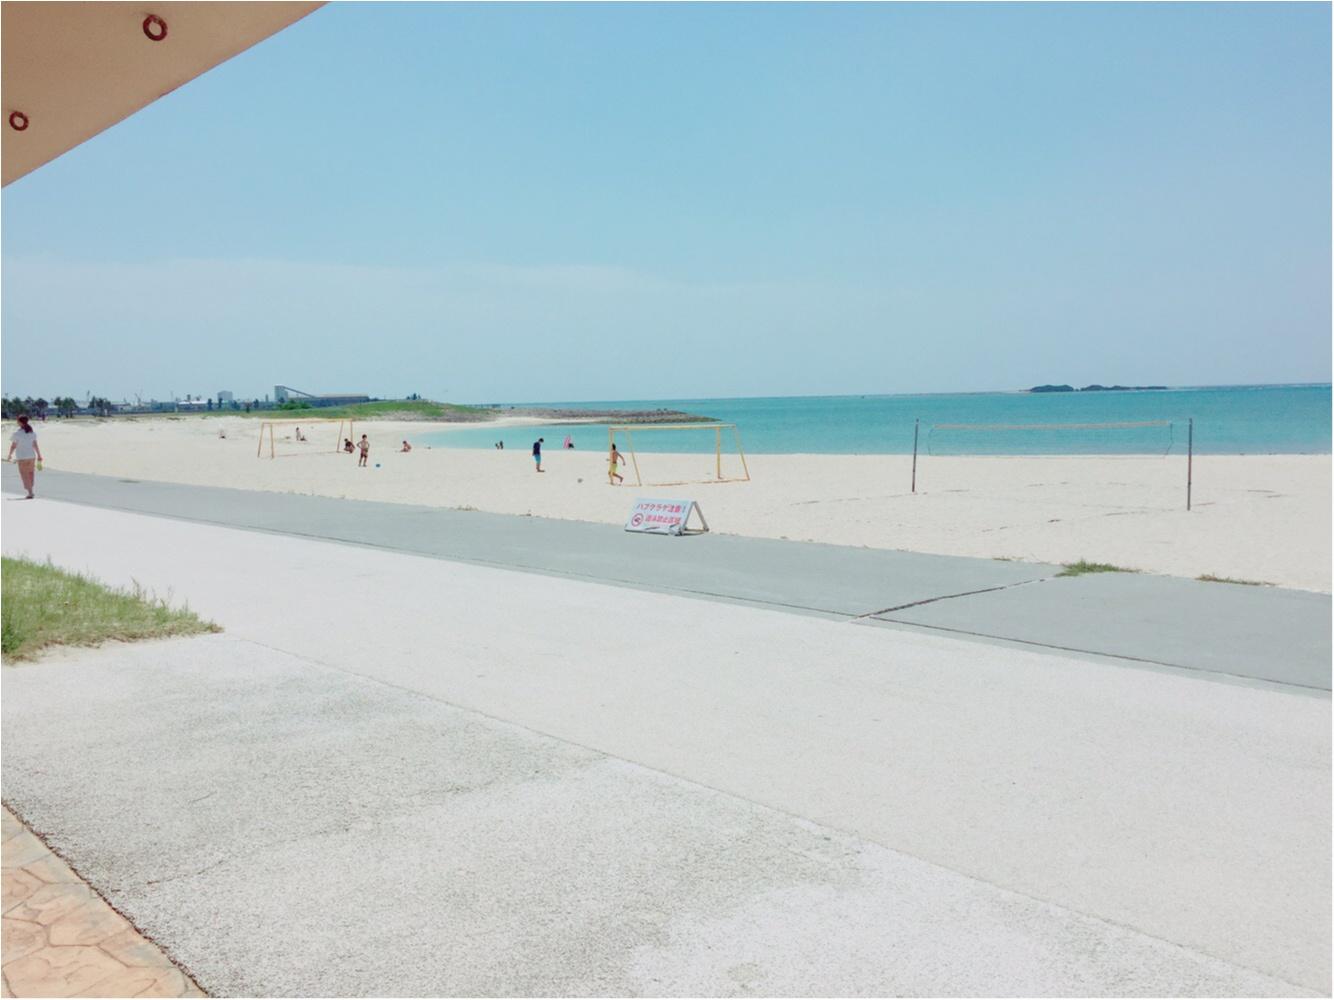 【沖縄女子旅】沖縄旅行!本島のBEACHはどこへ行く?迷ったら空港近くのココがおすすめ♡!_4